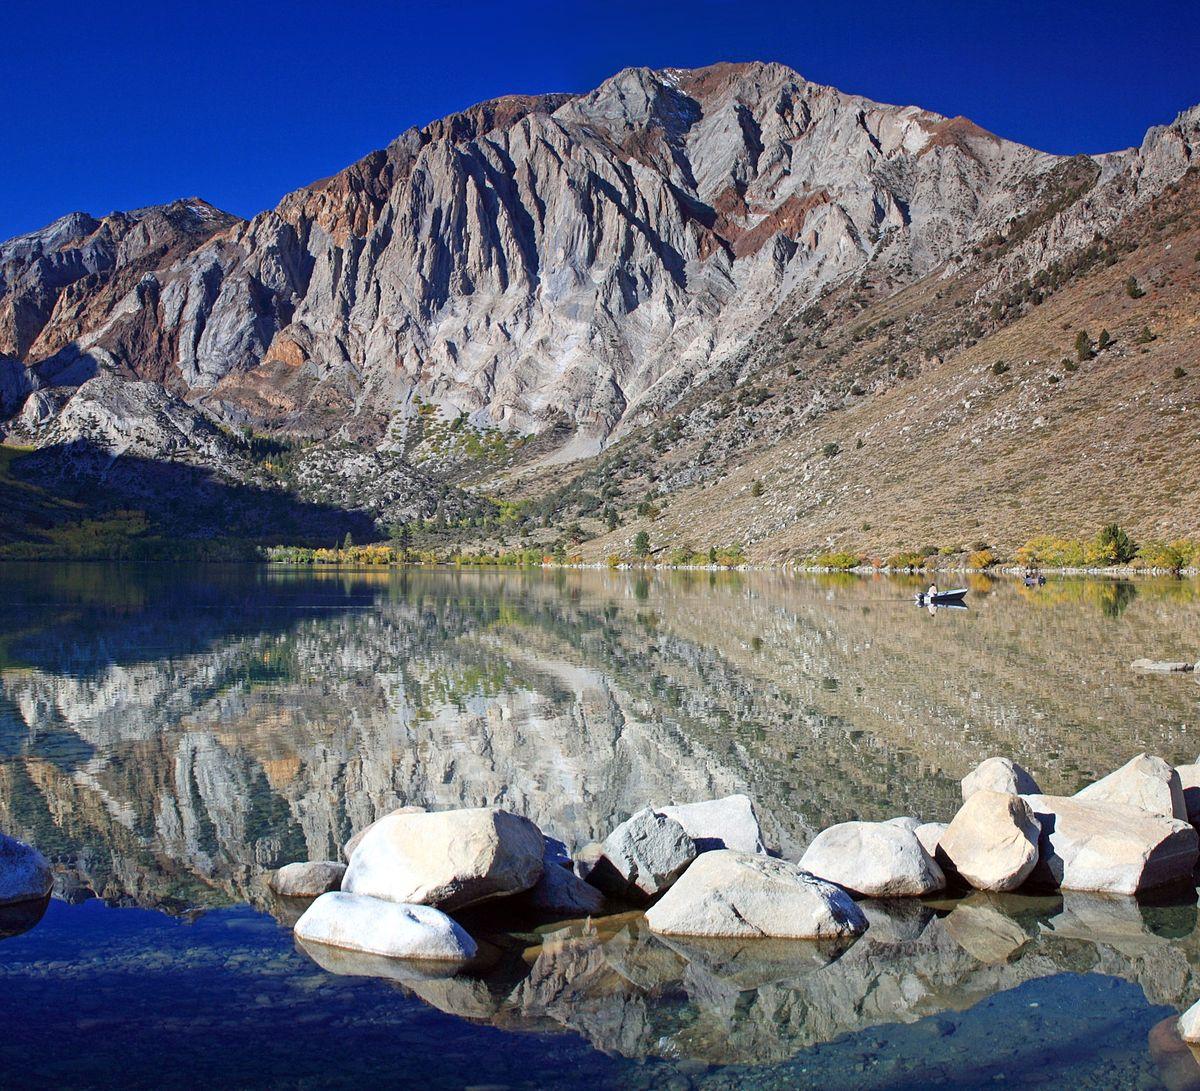 Convict Lake - Wikipedia